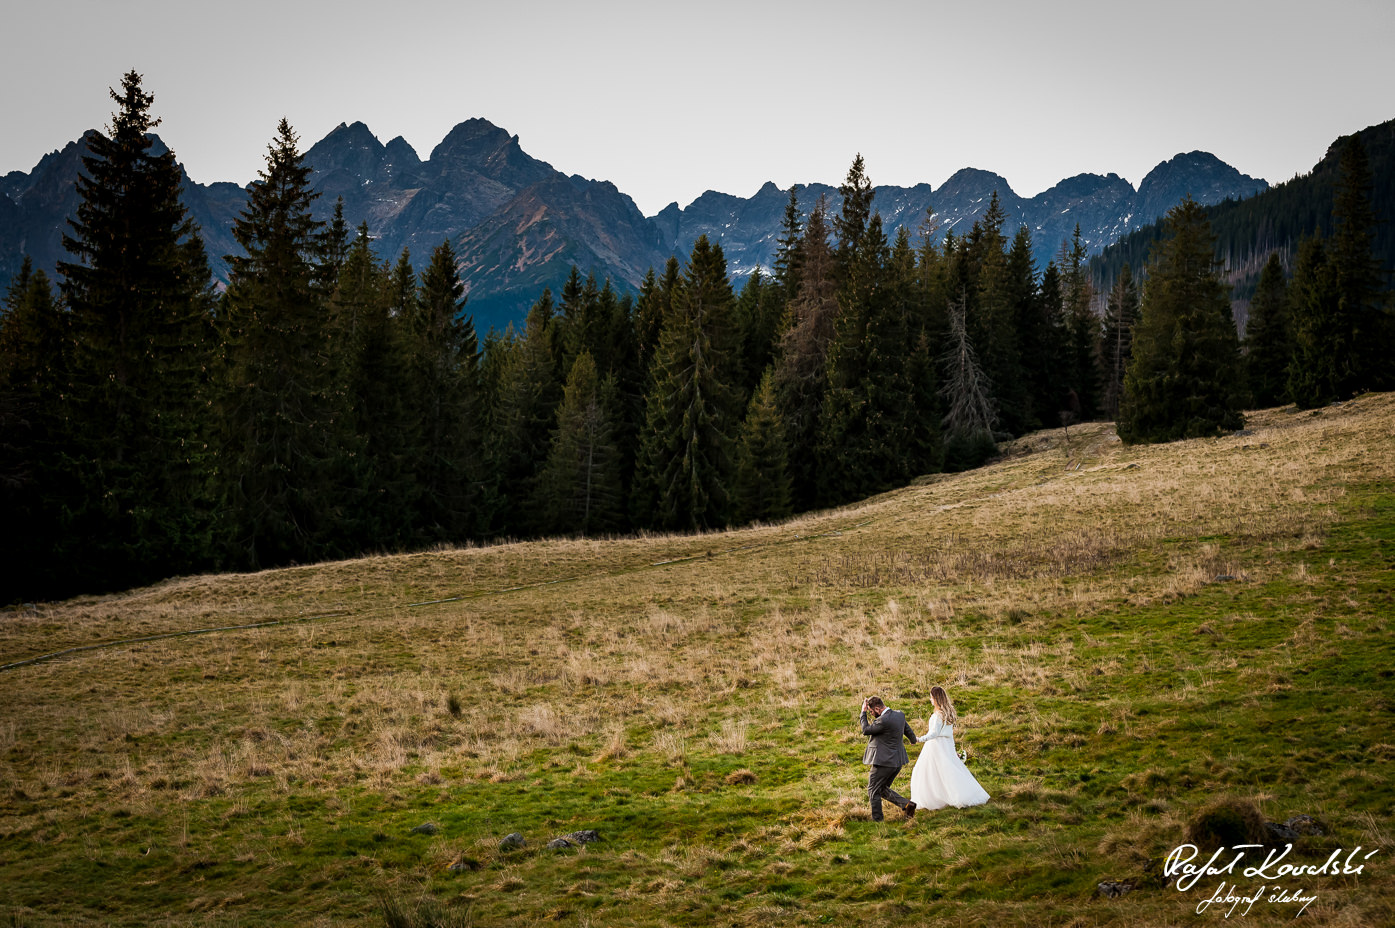 Sesja ślubna w Tatrach para młoda w rozlegym górskim pejzażu fotograf Ślubny Rafał Kowalski